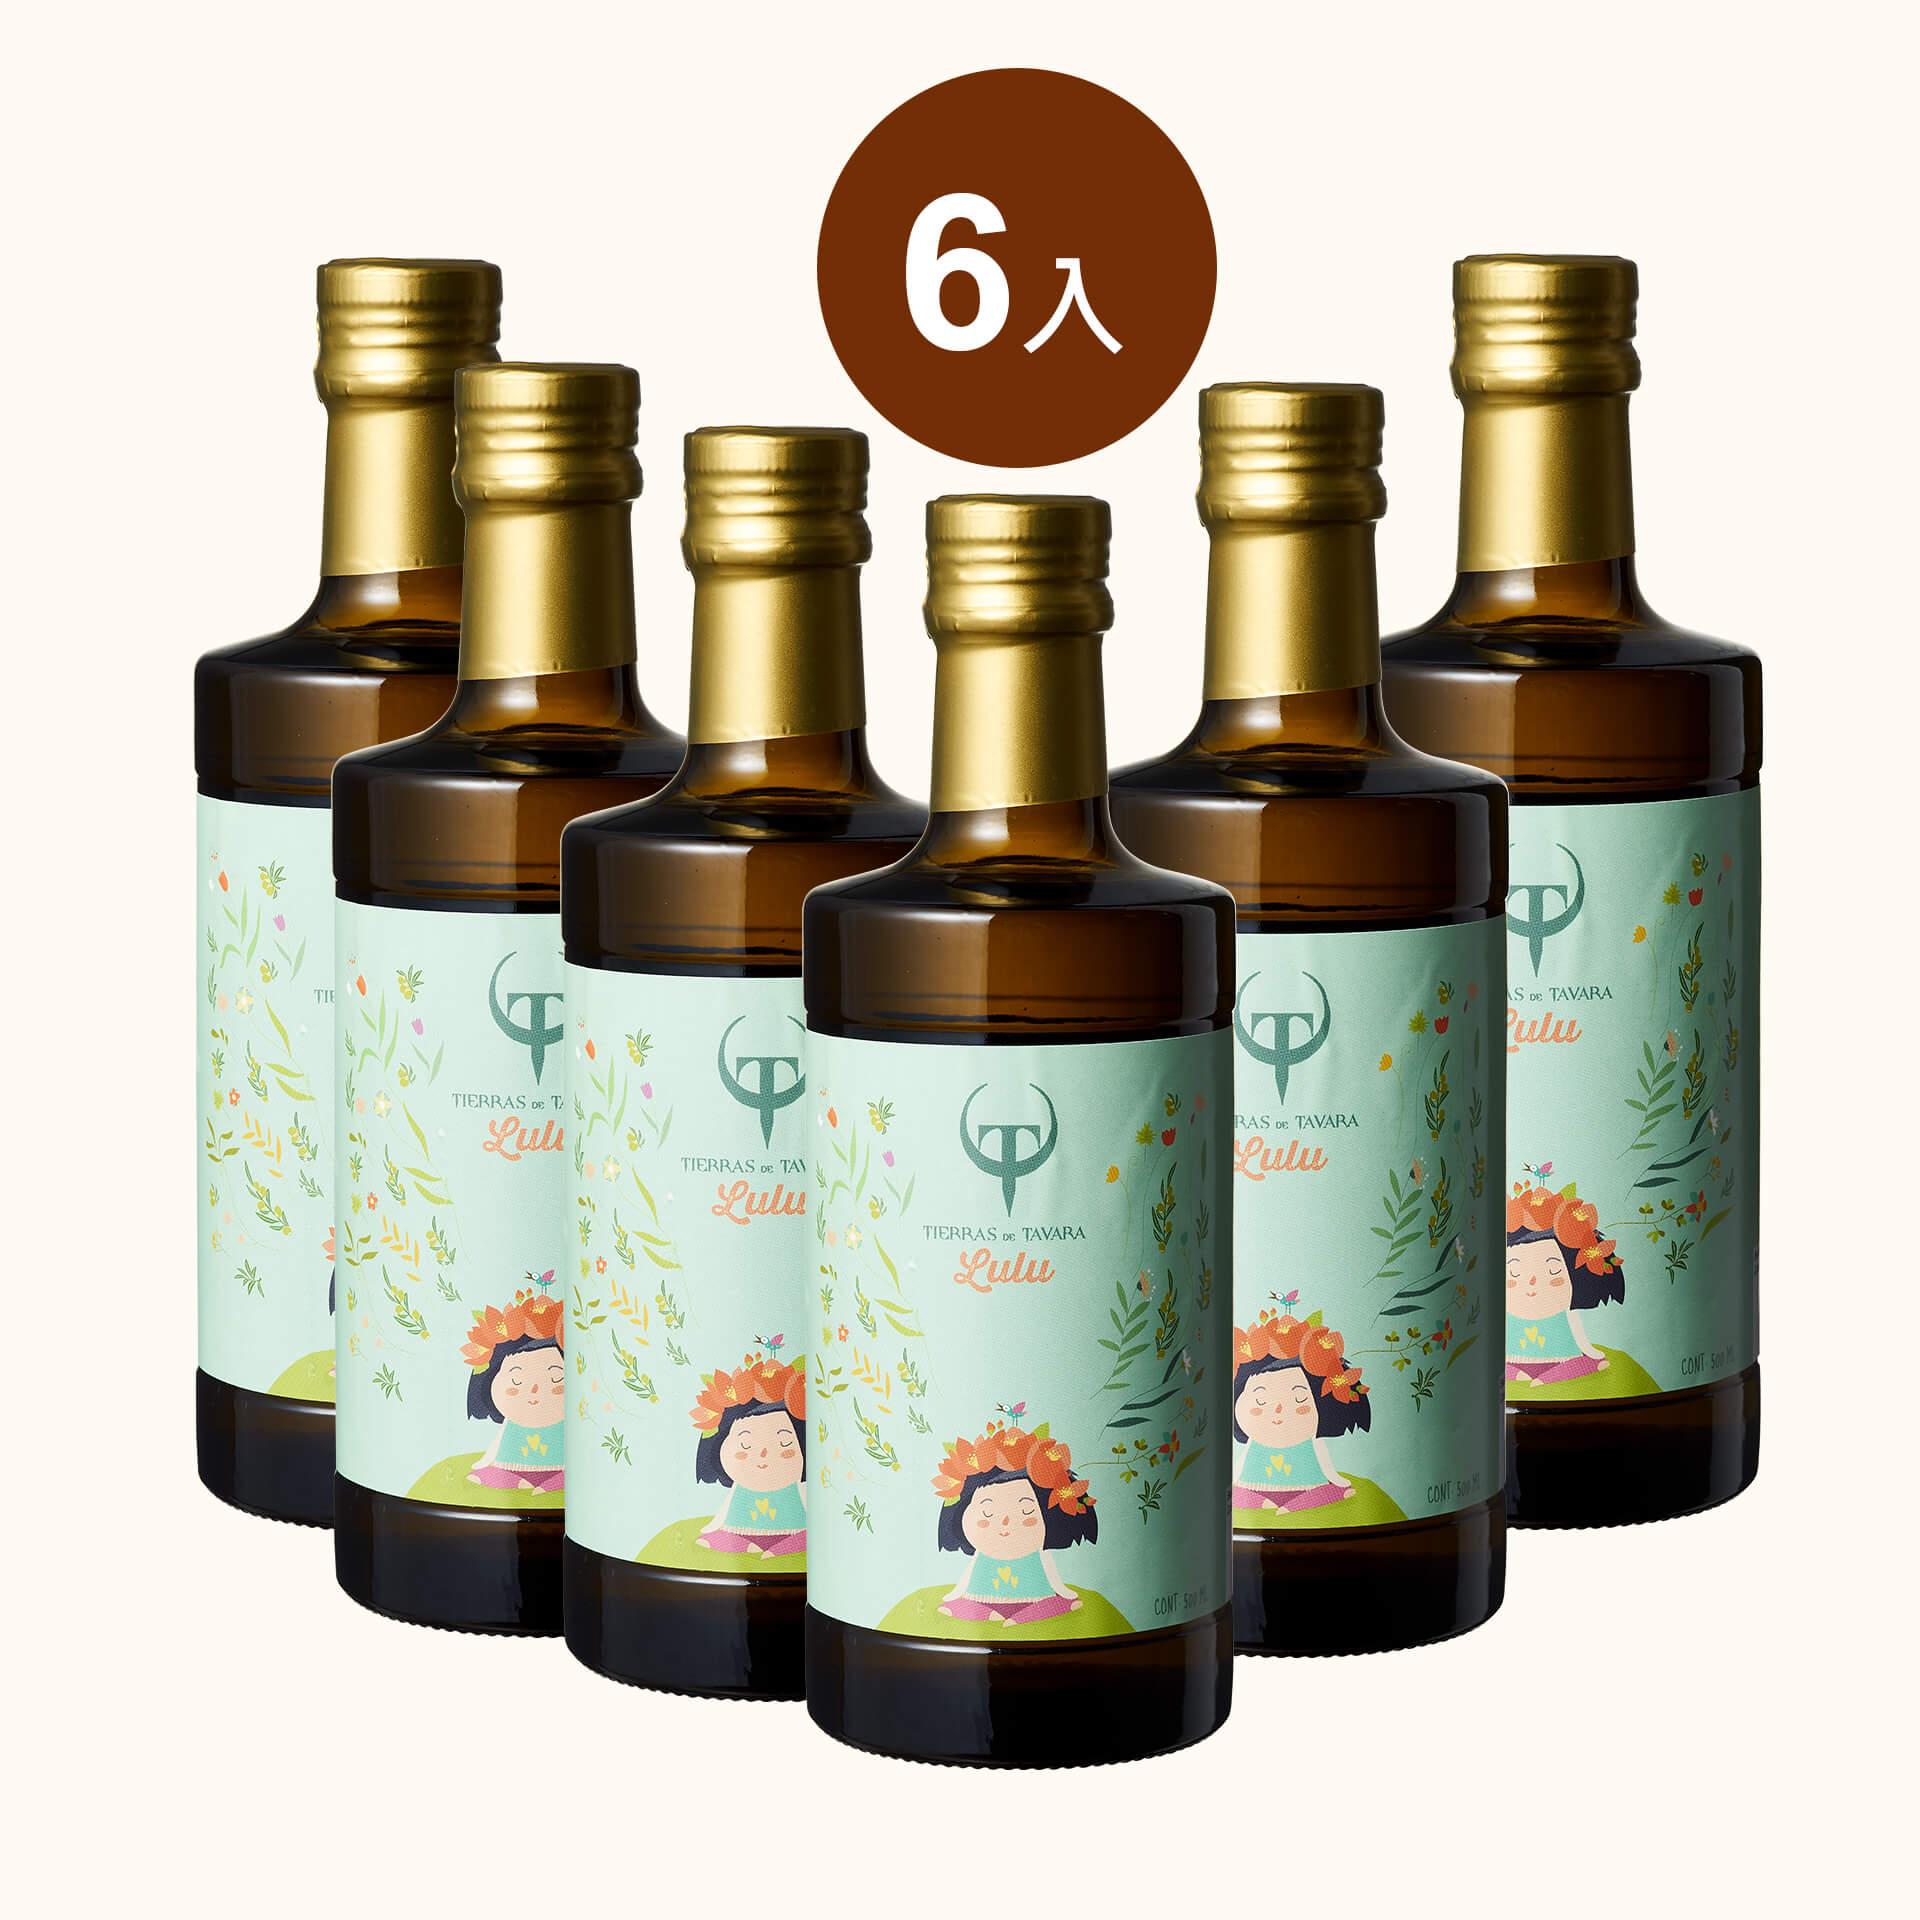 【箱箱購-早鳥預購】Lulu's頂級初榨橄欖油500ml(6入)